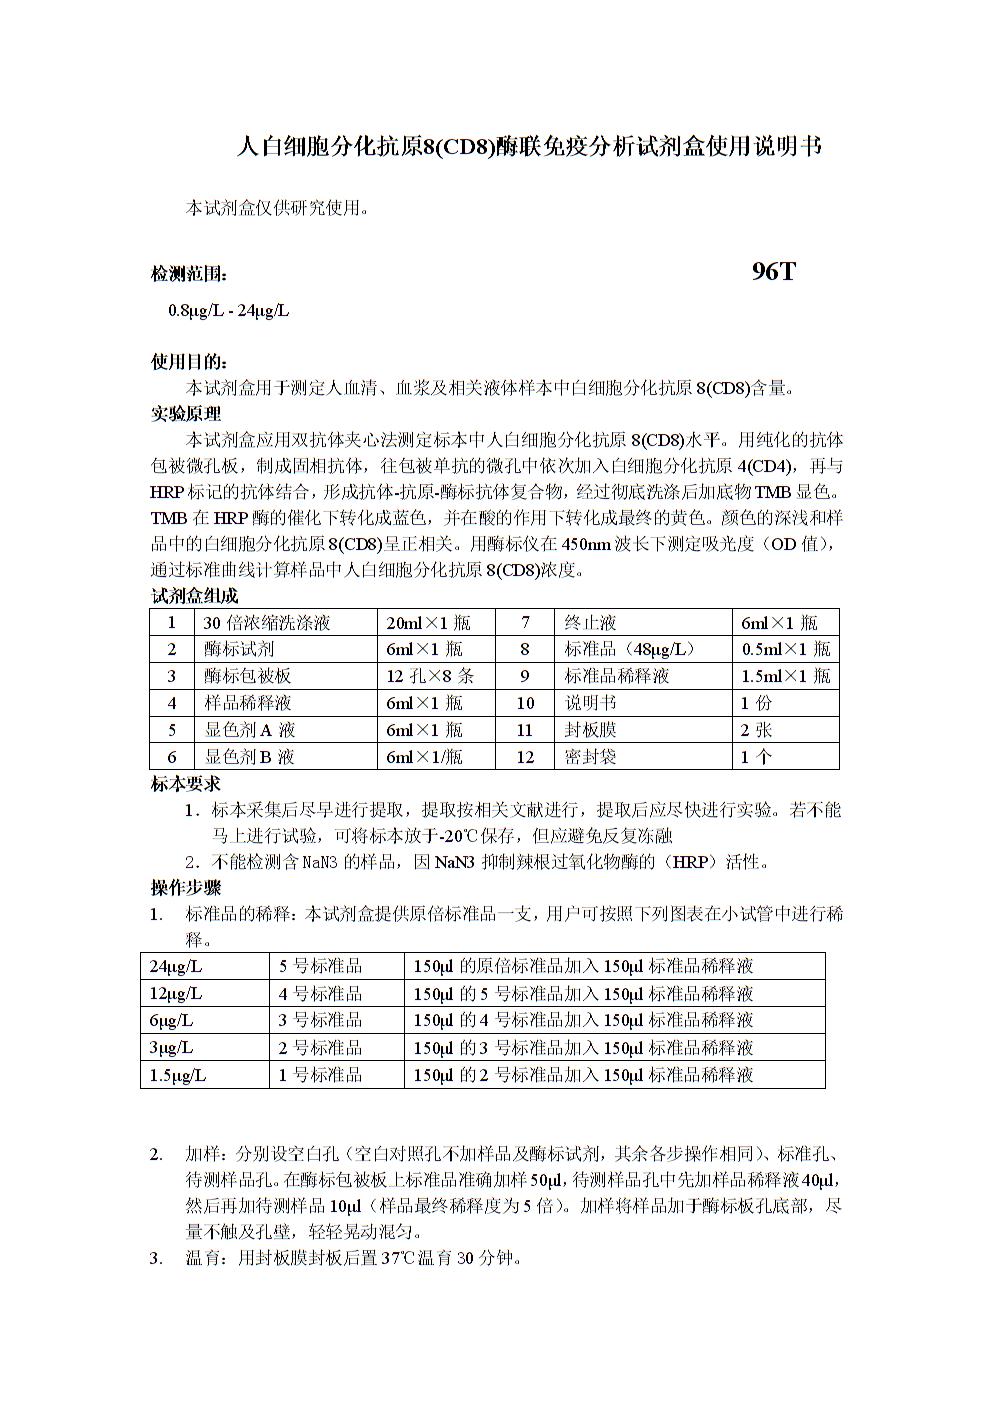 实验原理本试剂盒应用双抗体夹心法测定中8(cd8)水平.